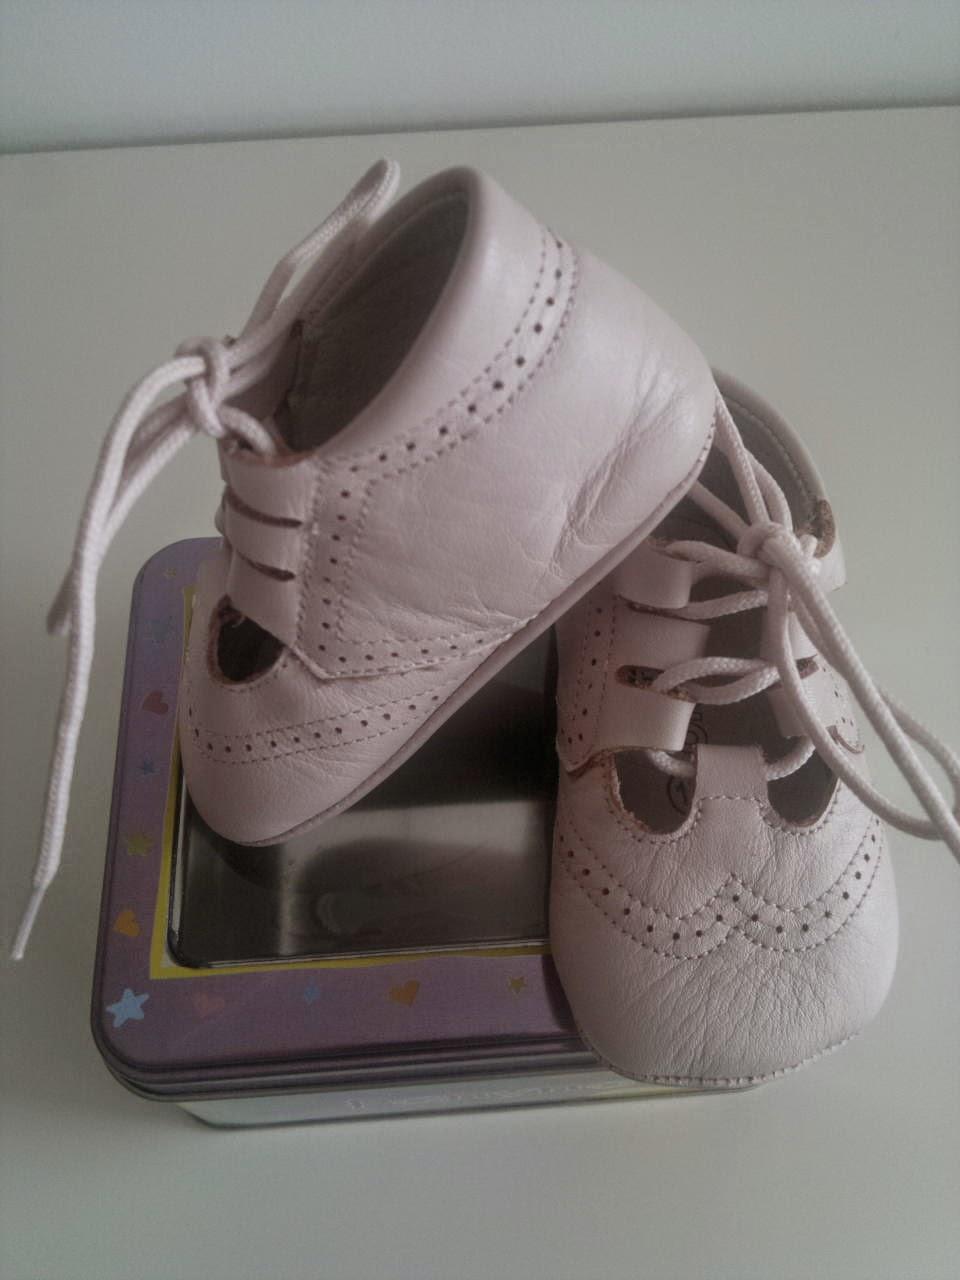 Tallas Zapatos Niños por Edad. El crecimiento de los pies de los niños no es solo muy particular, sino también muy veloz. Entre los cuatro y los seis años de edad, los pies de los niños pueden llegar a crecer un milímetro al mes.